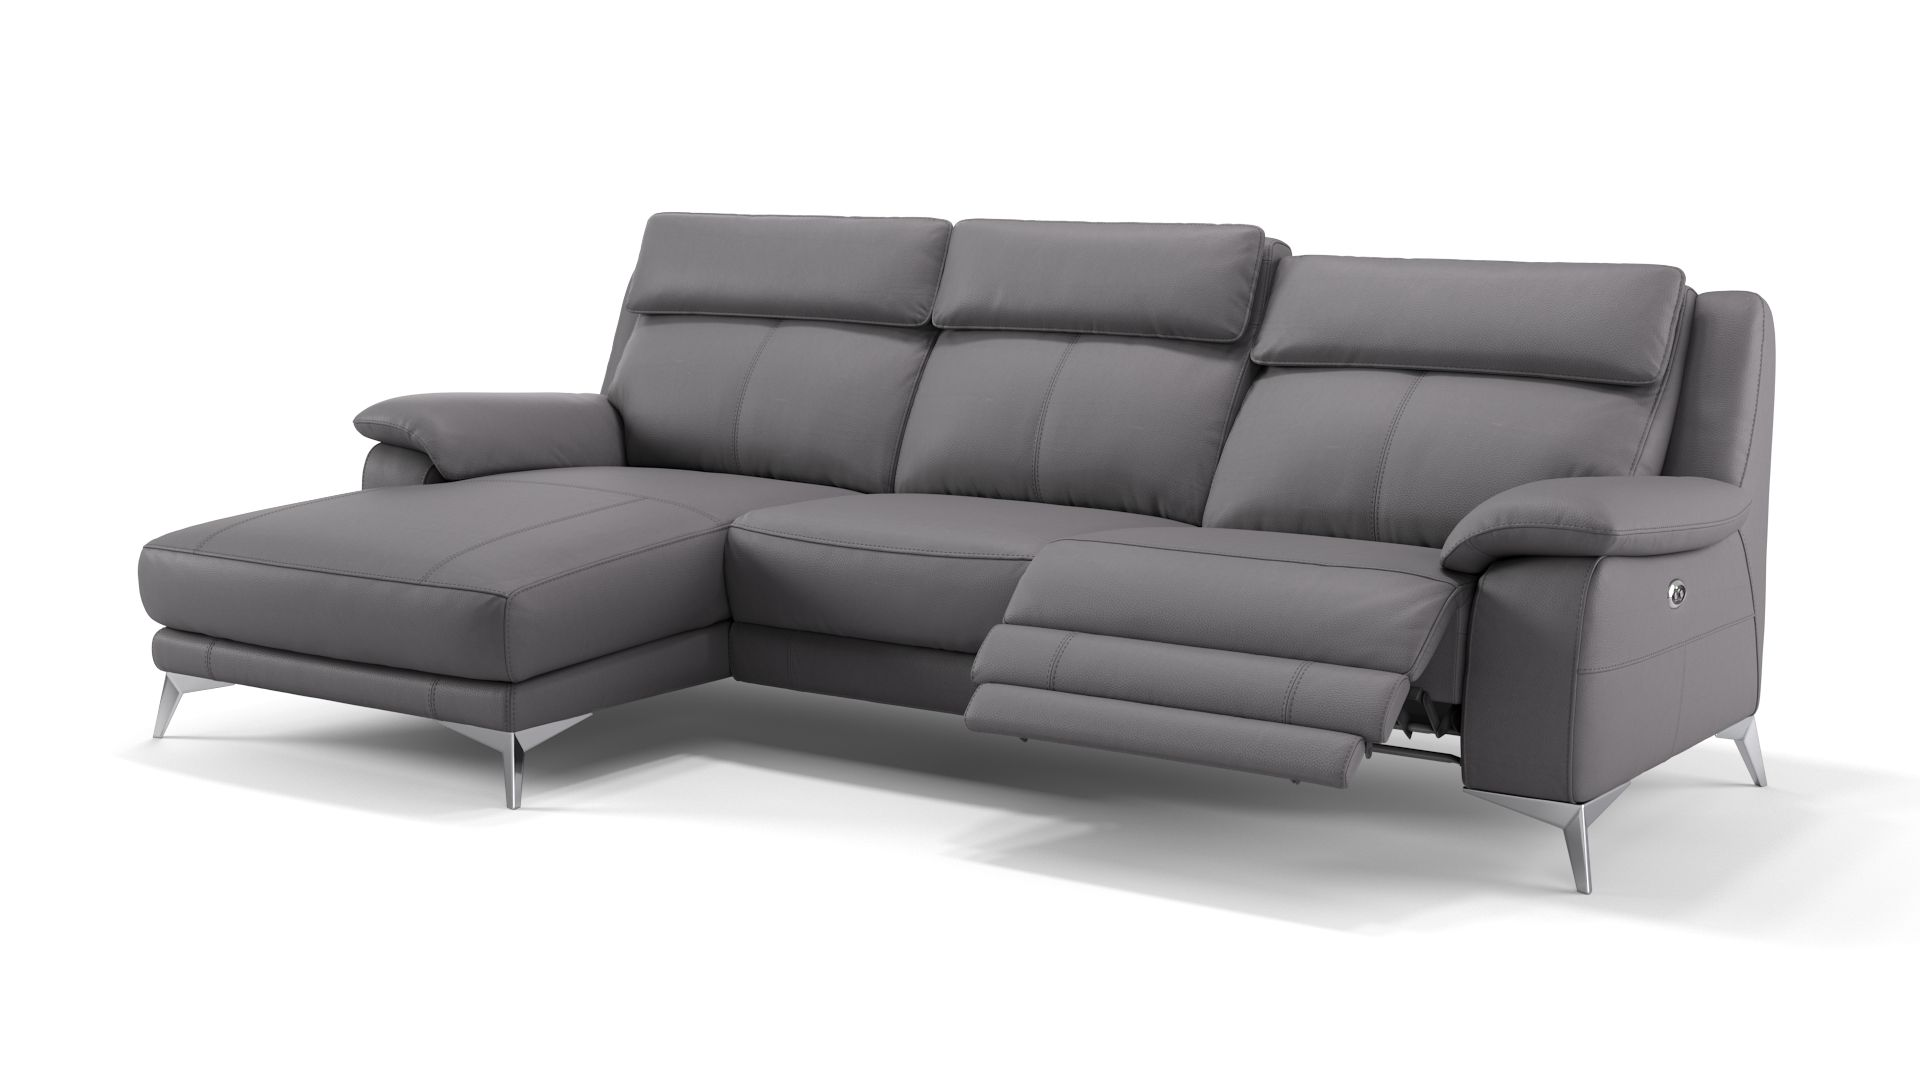 Full Size of Sofa Elektrische Relaxfunktion Warum Ist Mein Elektrisch Geladen Couch Was Tun Aufgeladen Mit Elektrischer Sitztiefenverstellung Microfaser Durch Ecksofa Sofa Sofa Elektrisch